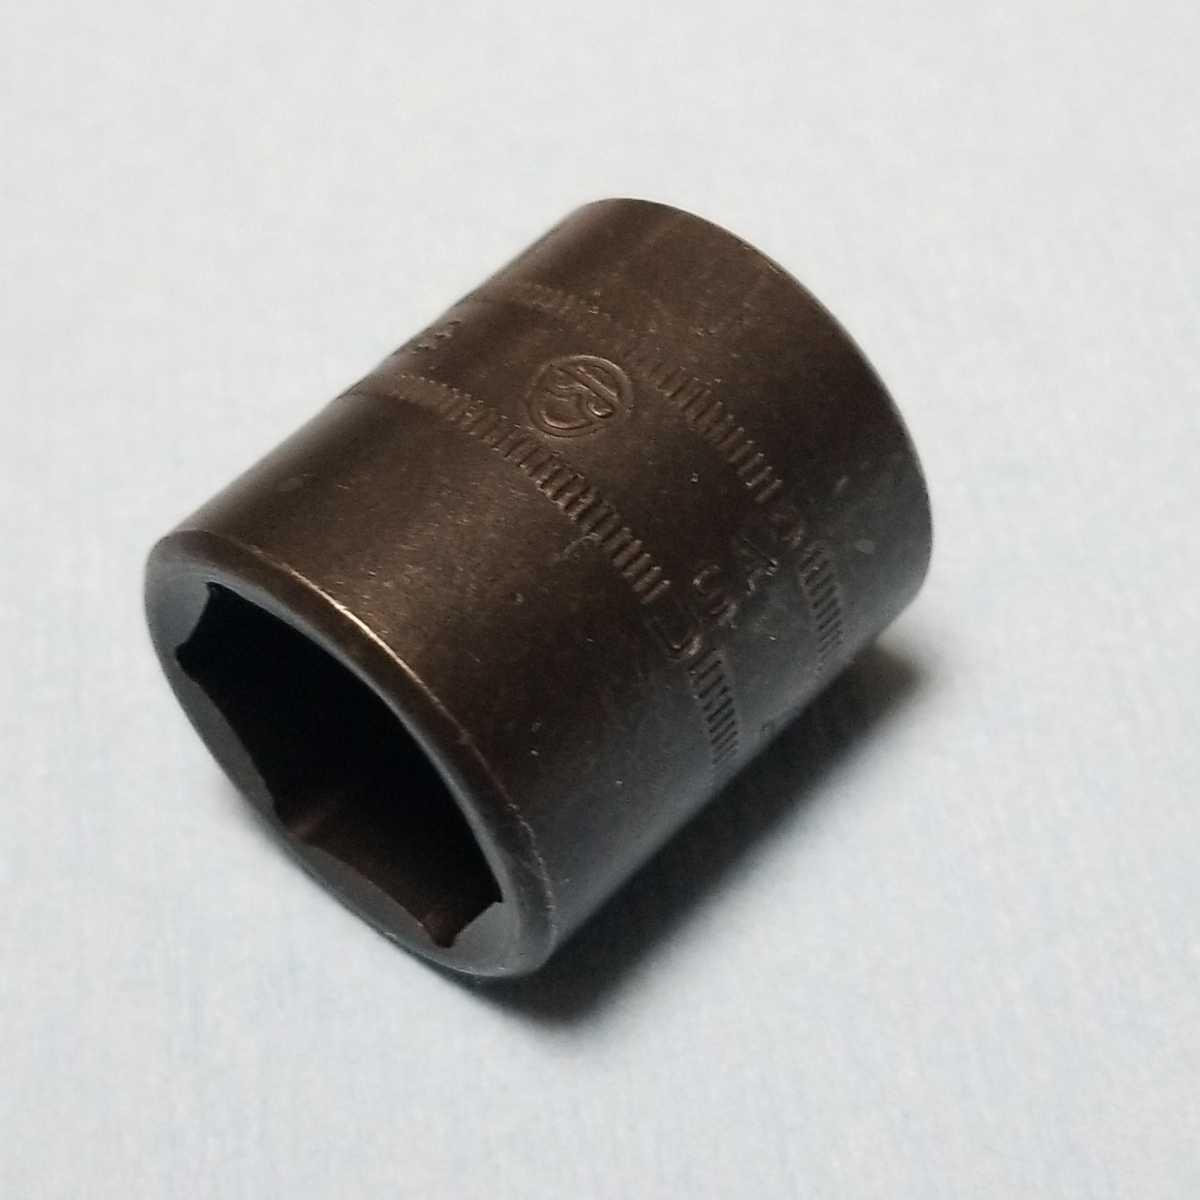 未使用 19mm 3/8 インパクト ソケット (6角) スナップオン IMFM19 新品 保管品 SNAPON SNAP-ON インパクトソケット シャロー Snap-on_画像5